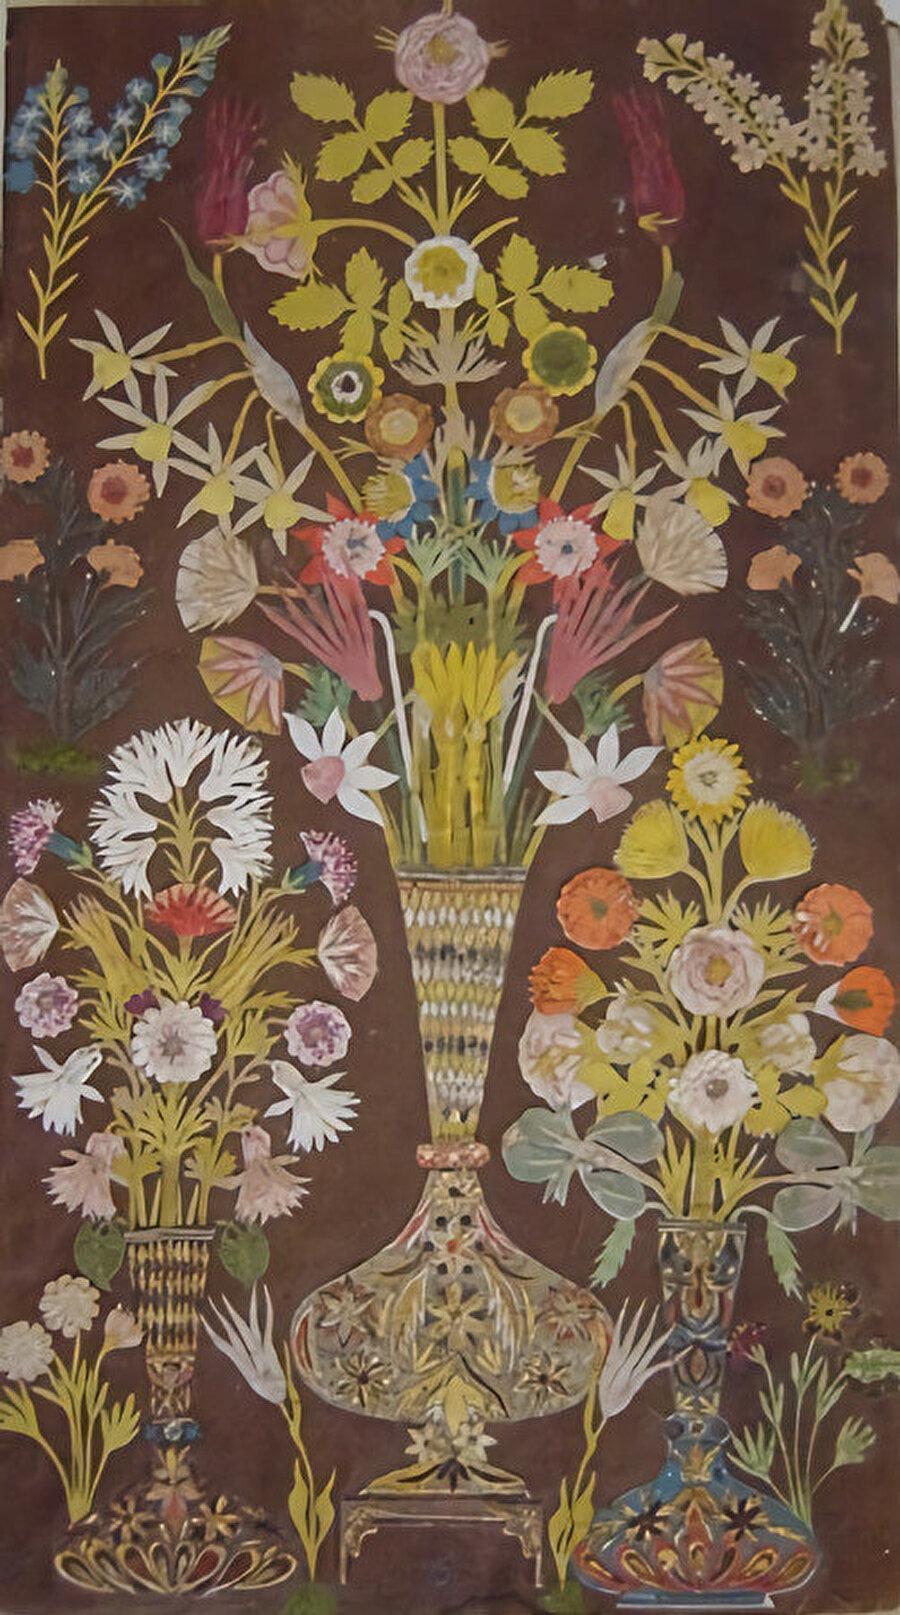 Mehmet Selim Divanı içinde bulunan üç vazo içinde çiçek oymalı bir sayfa.